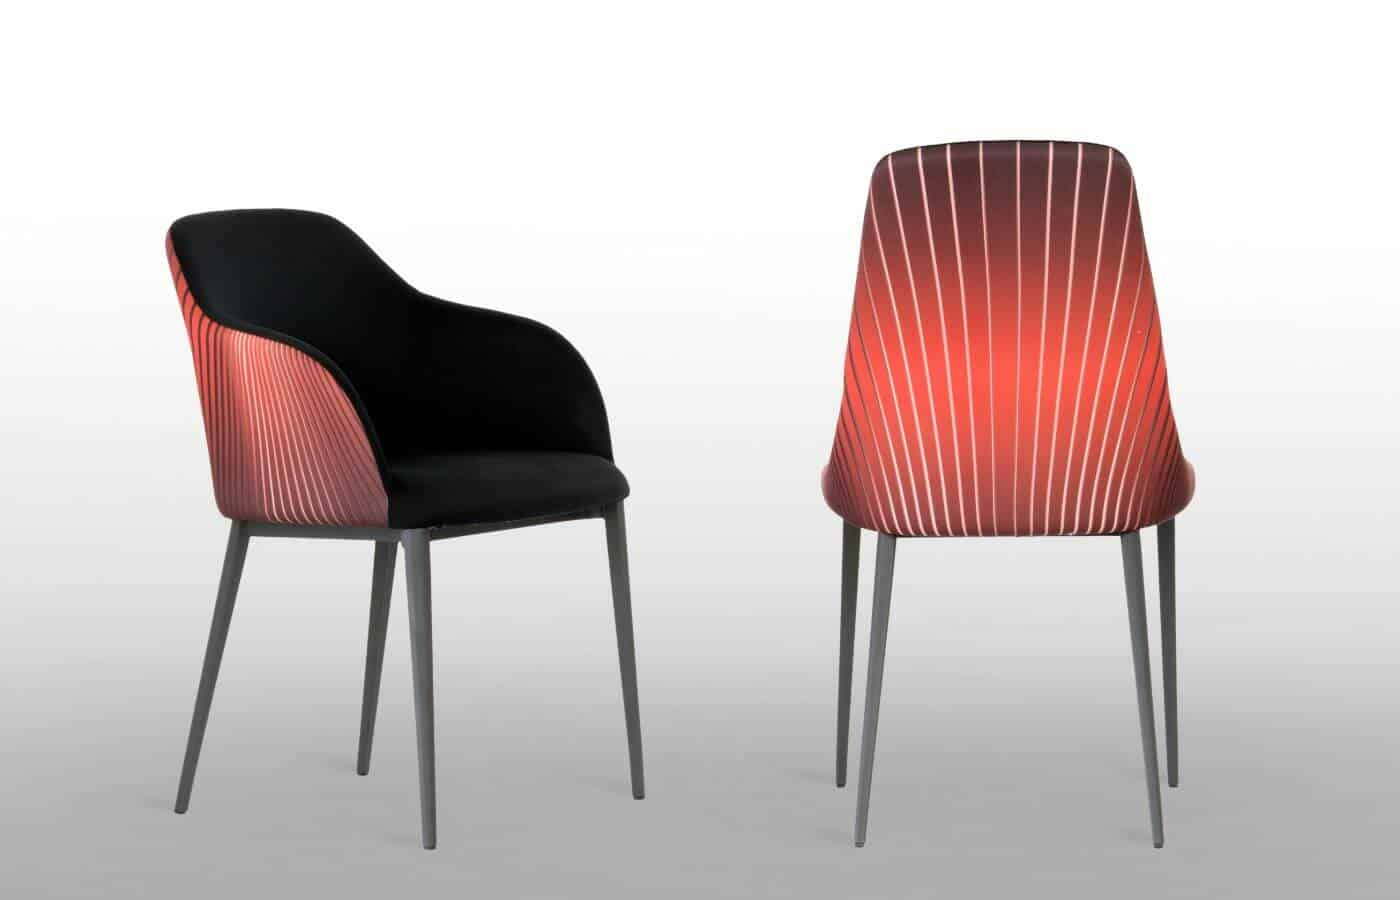 sedie-collezione-riflessi-carmen-il-mobile (1)